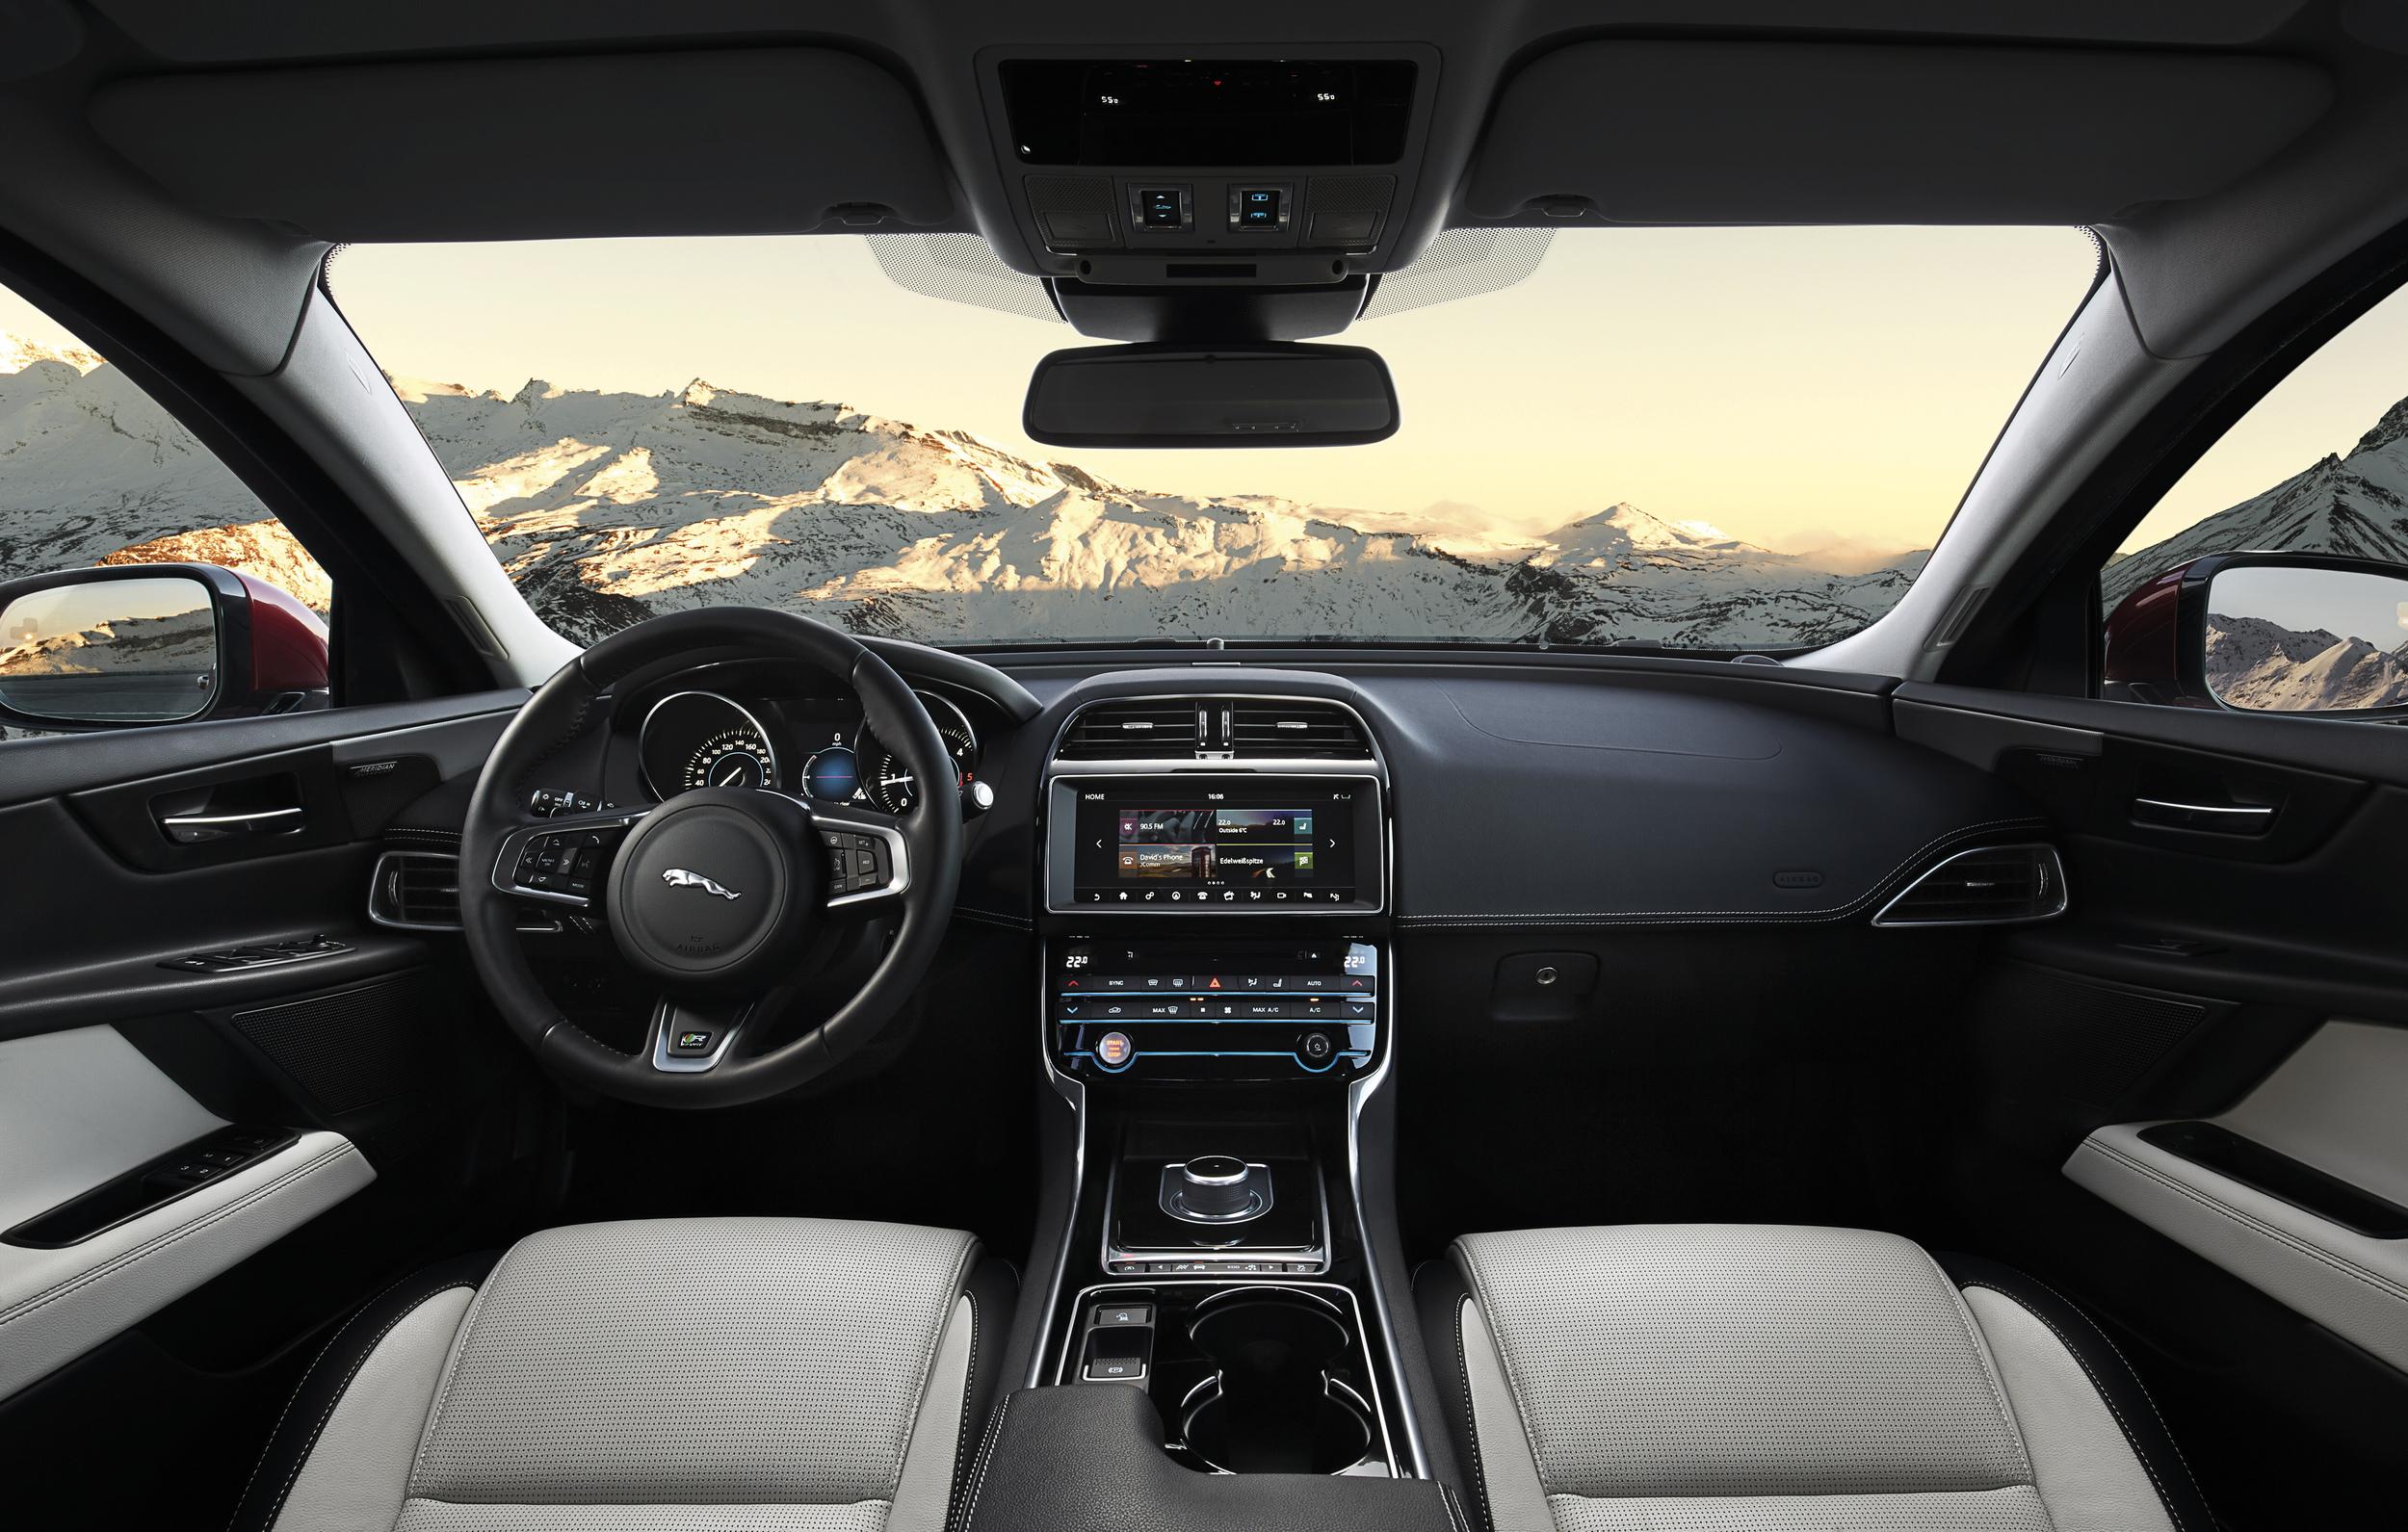 2017 jaguar xe wallpapers - x auto